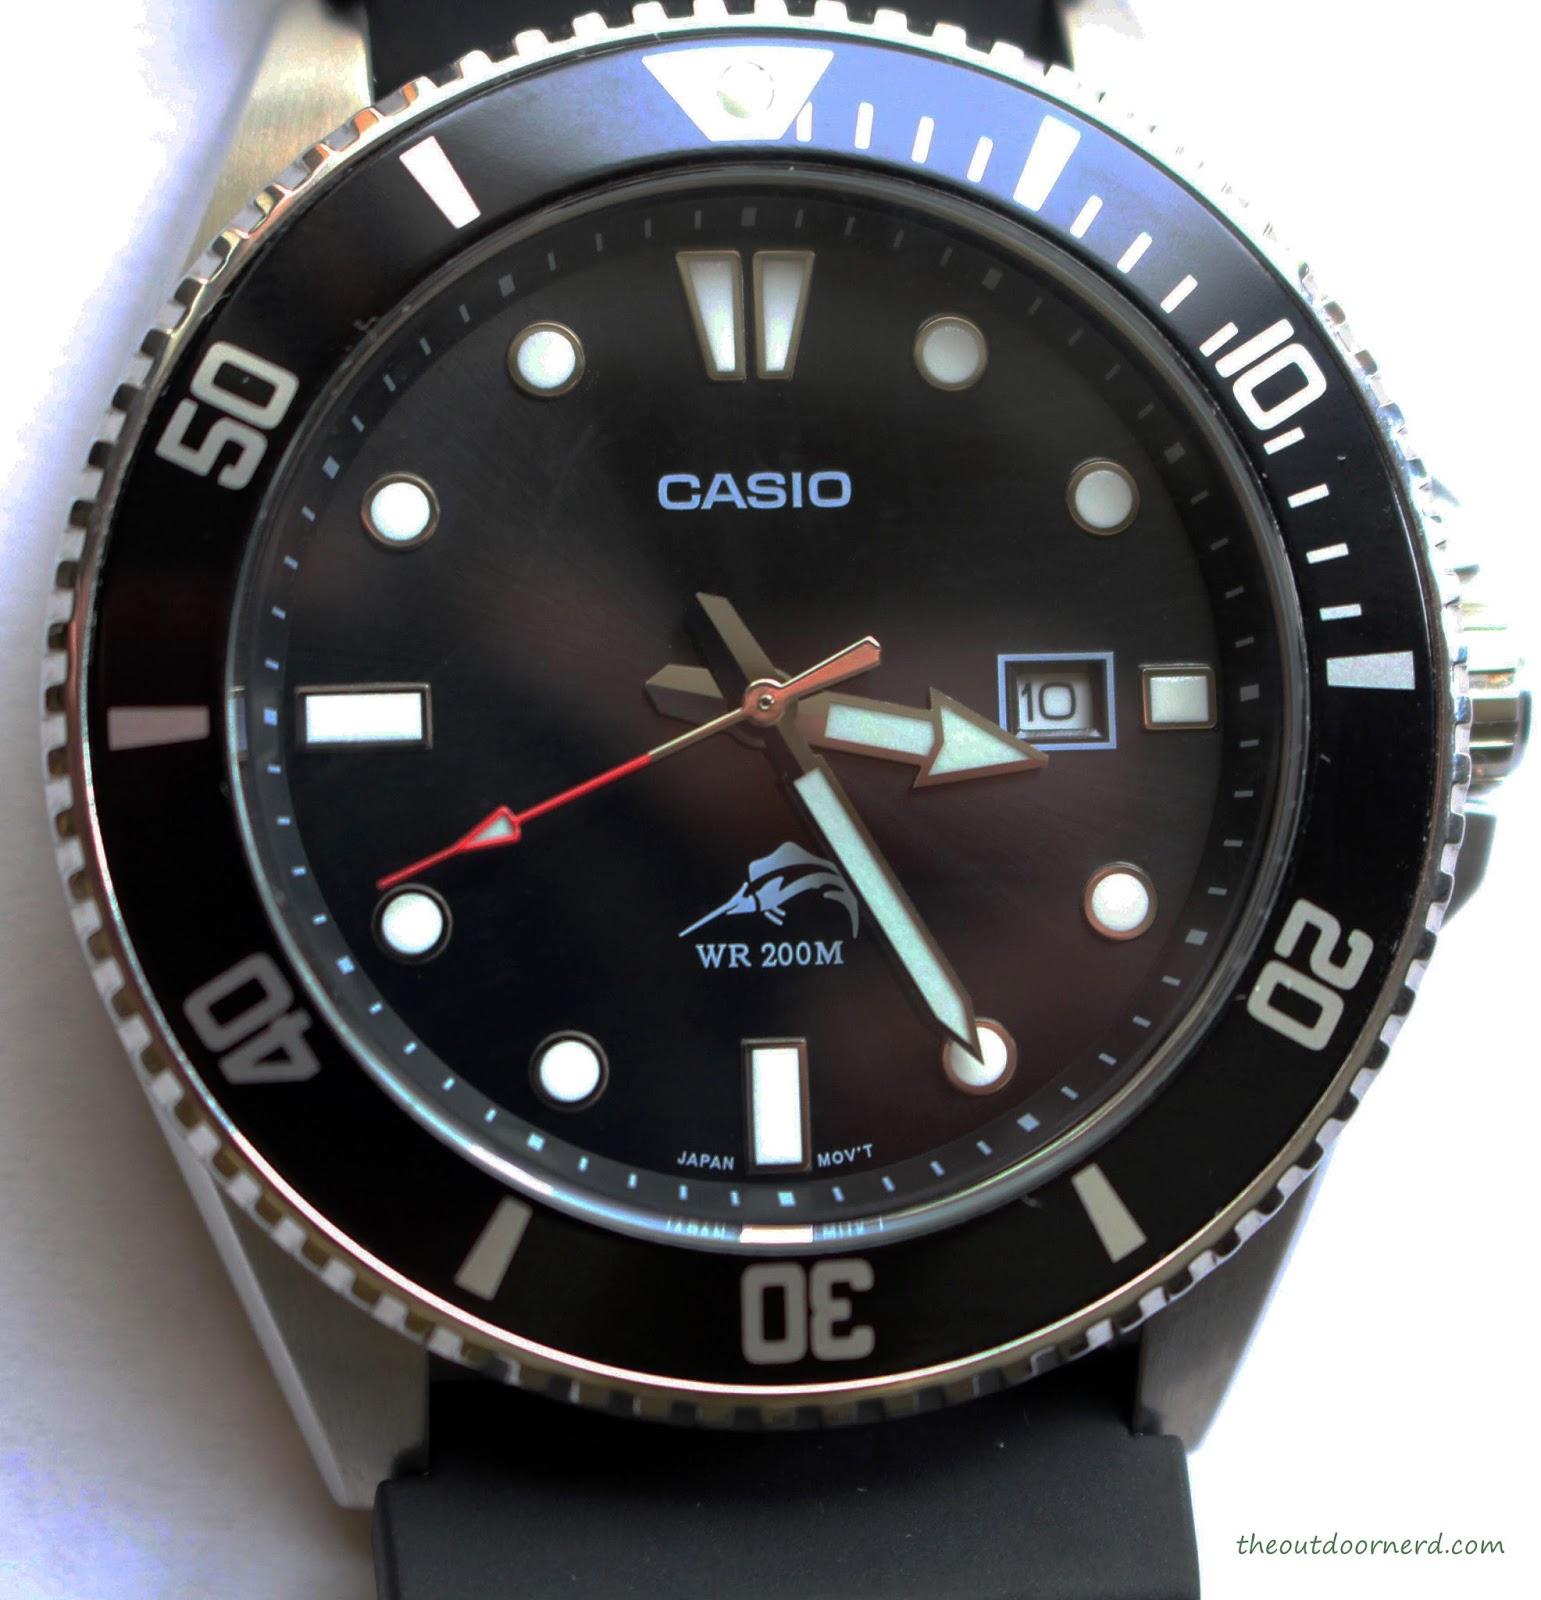 Casio MDV106-1A Diver's Watch: Closeup of Dial